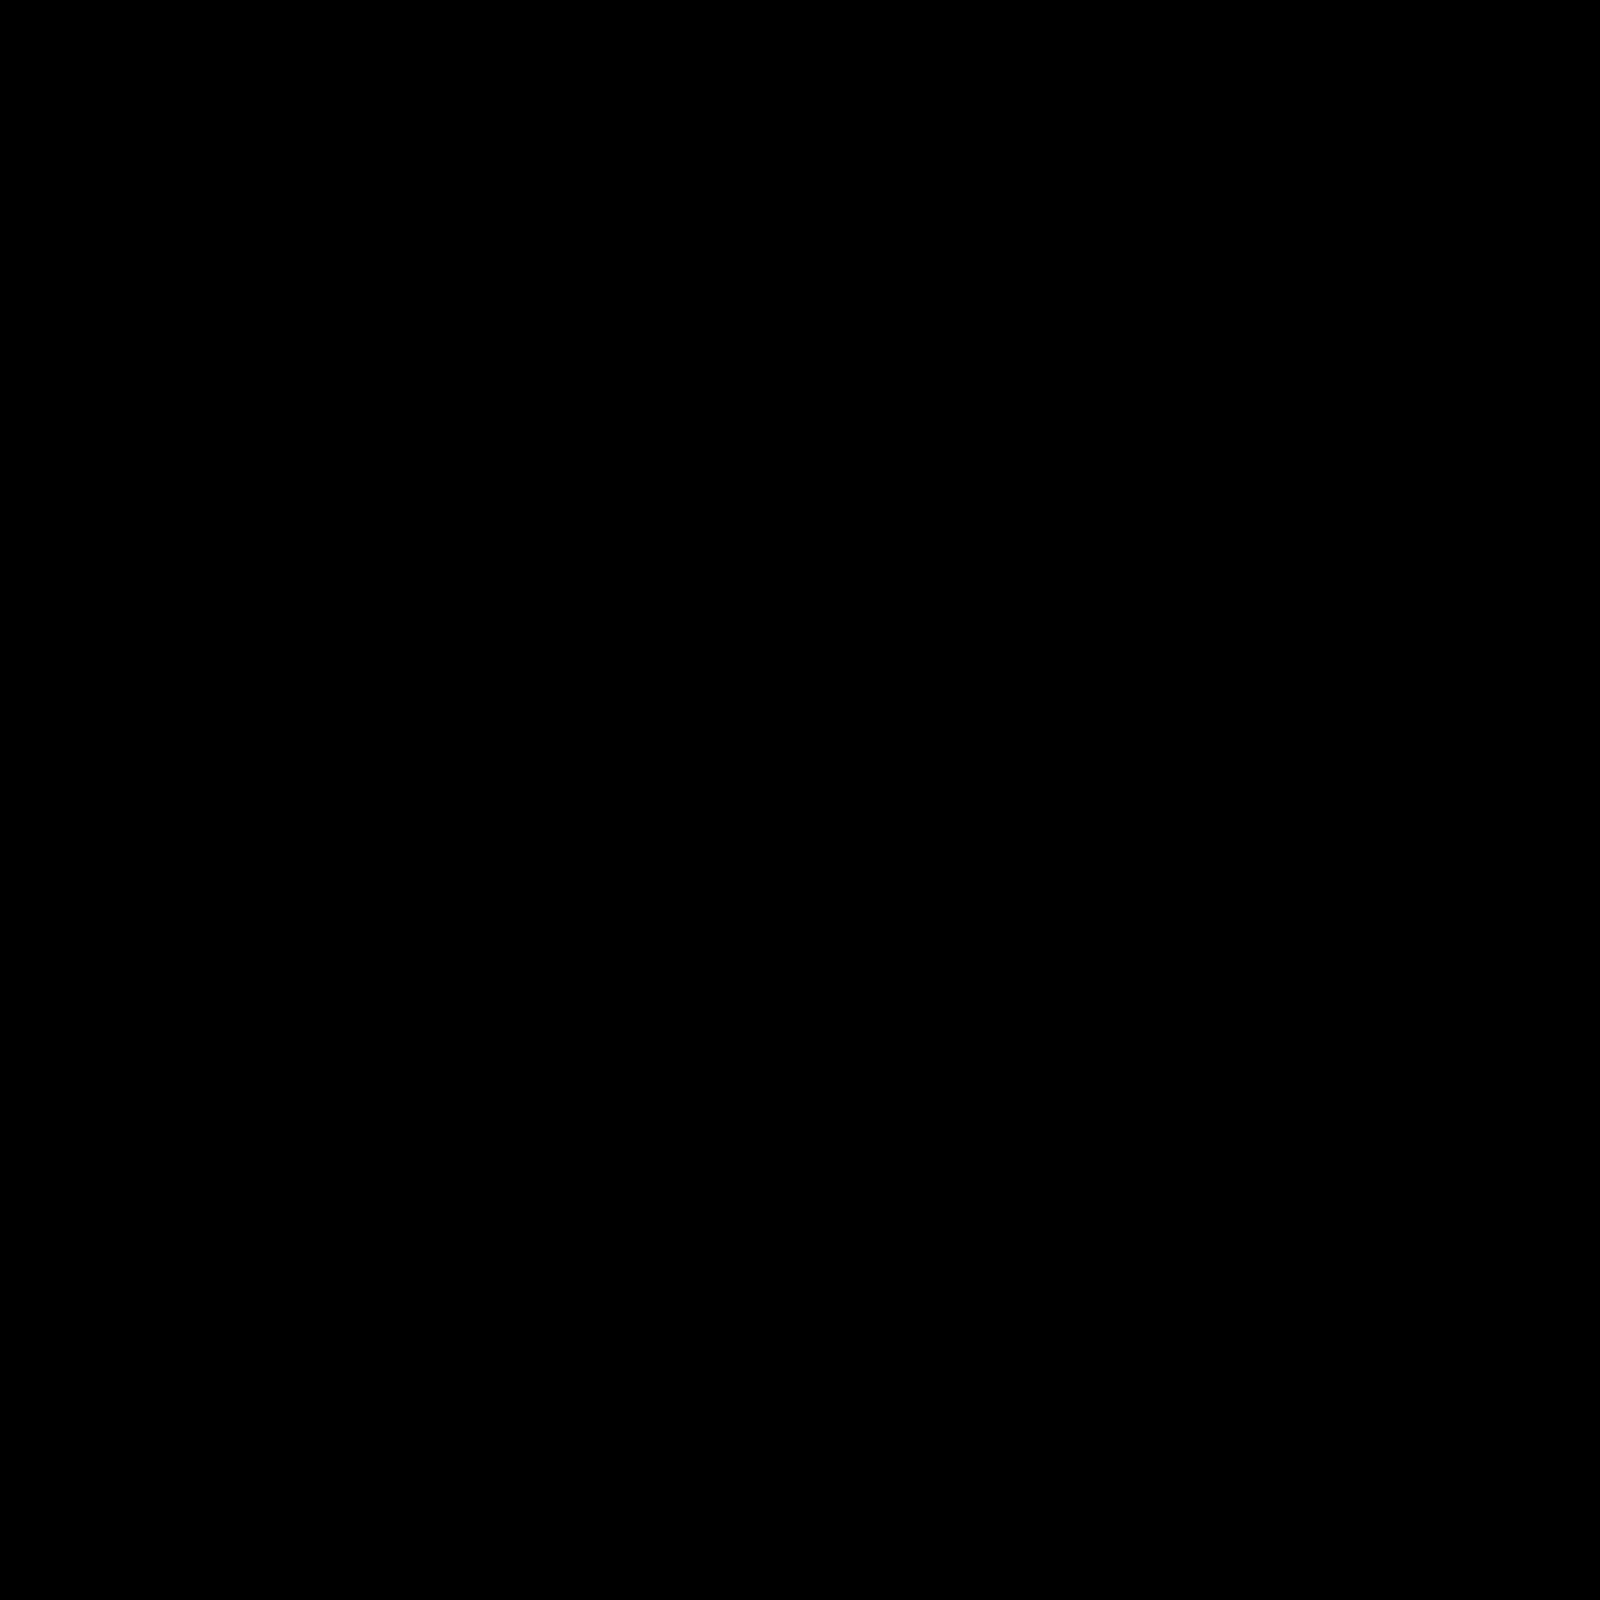 Indeks dolny icon